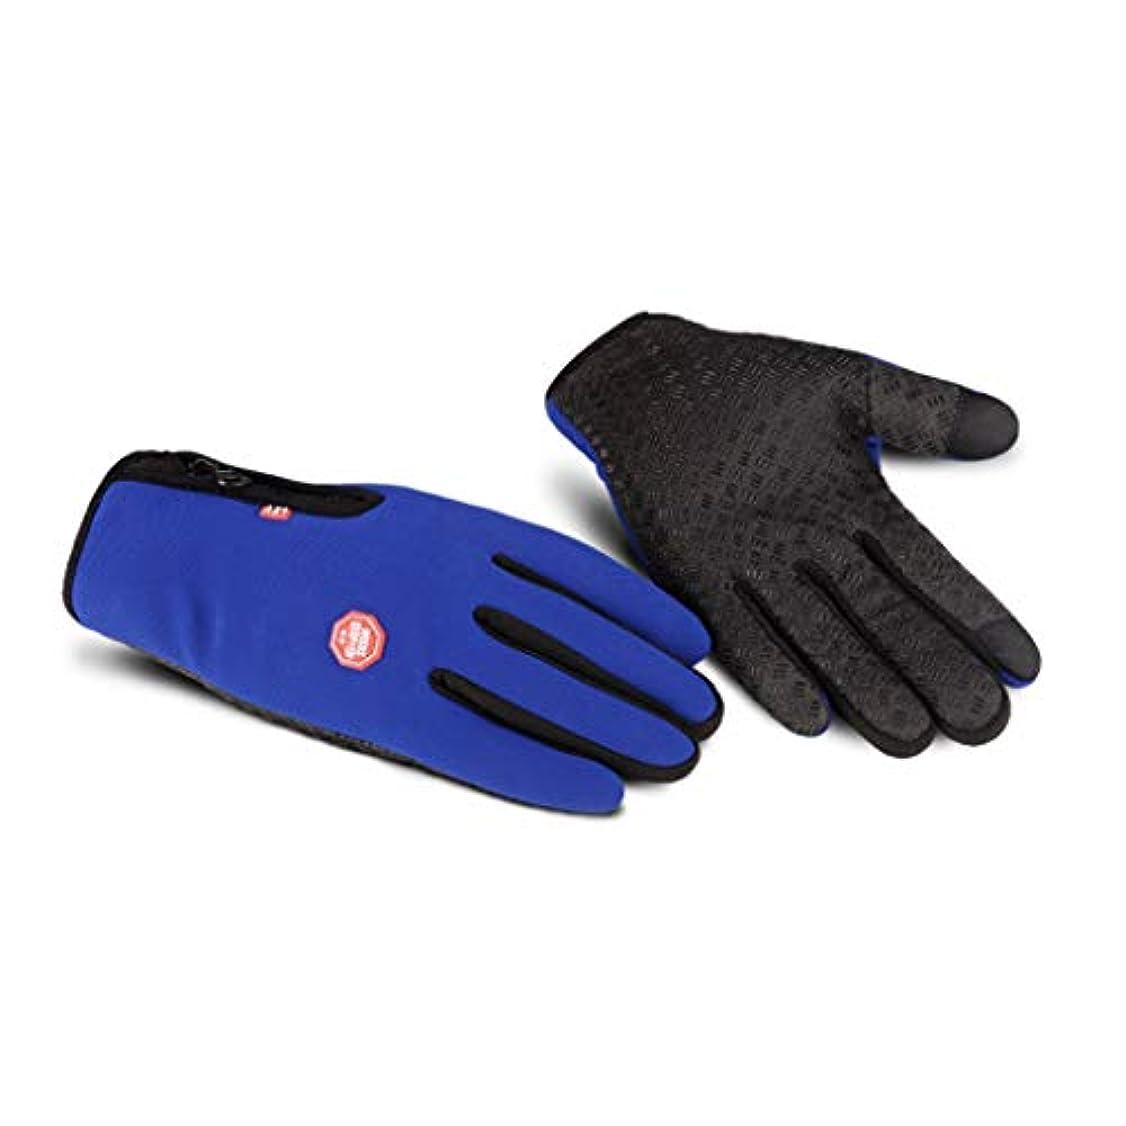 十分に構成肺手袋の男性の秋と冬の自転車電動バイクの女性のタッチスクリーンはすべて防風ノンスリップ暖かい冬のコールドプラスベルベット弾性手袋を意味する (色 : 青)